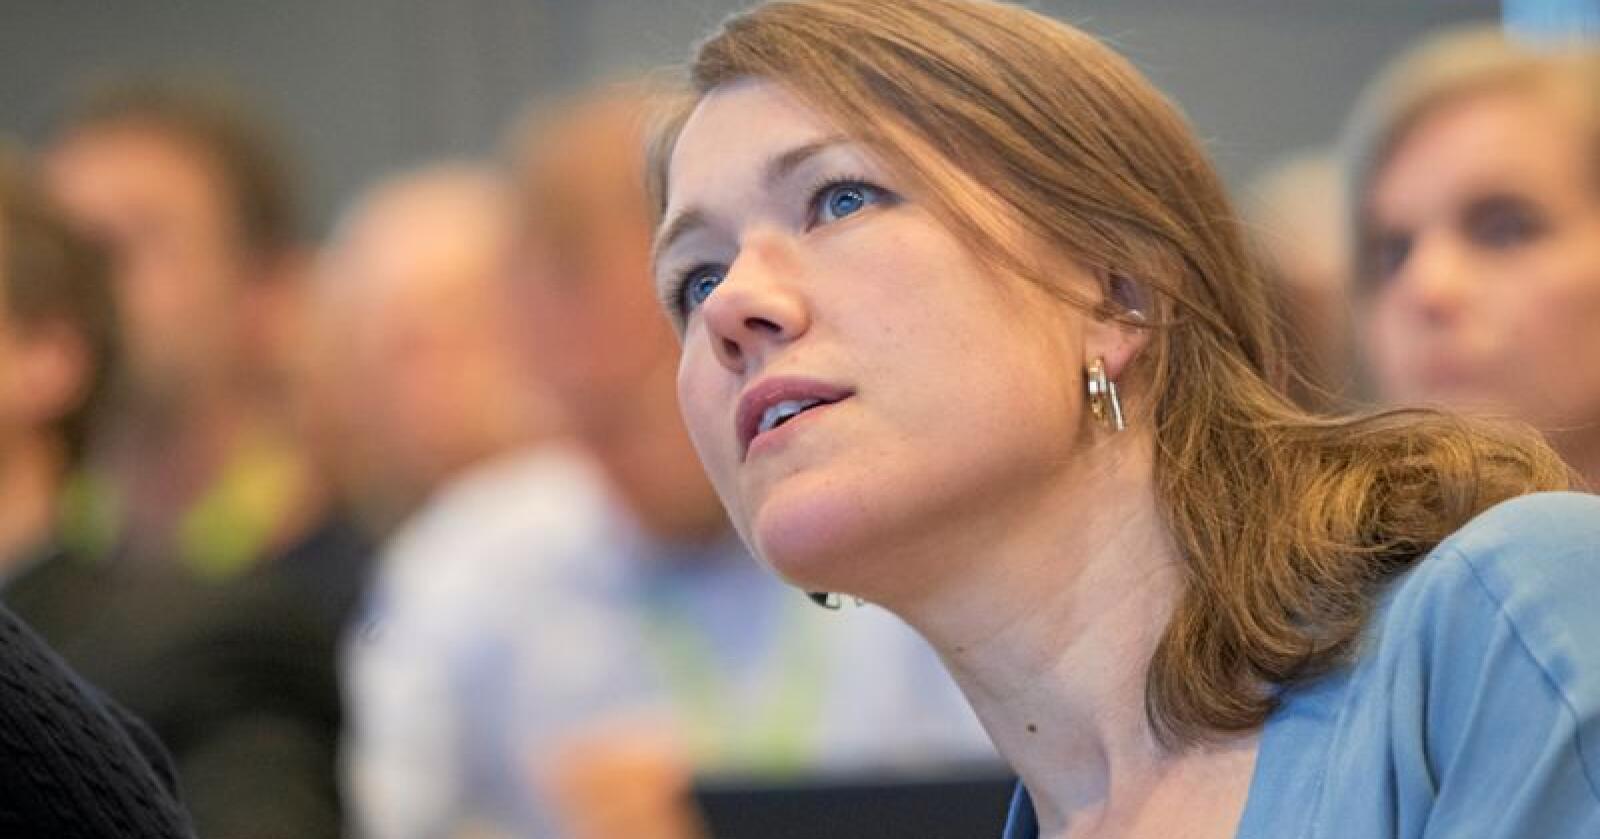 MDGs nasjonale talsperson Une Bastholm argumenterte for at partiet bør ha to nestledere – og fikk støtte for sitt syn. Foto: Terje Bendiksby / NTB scanpix